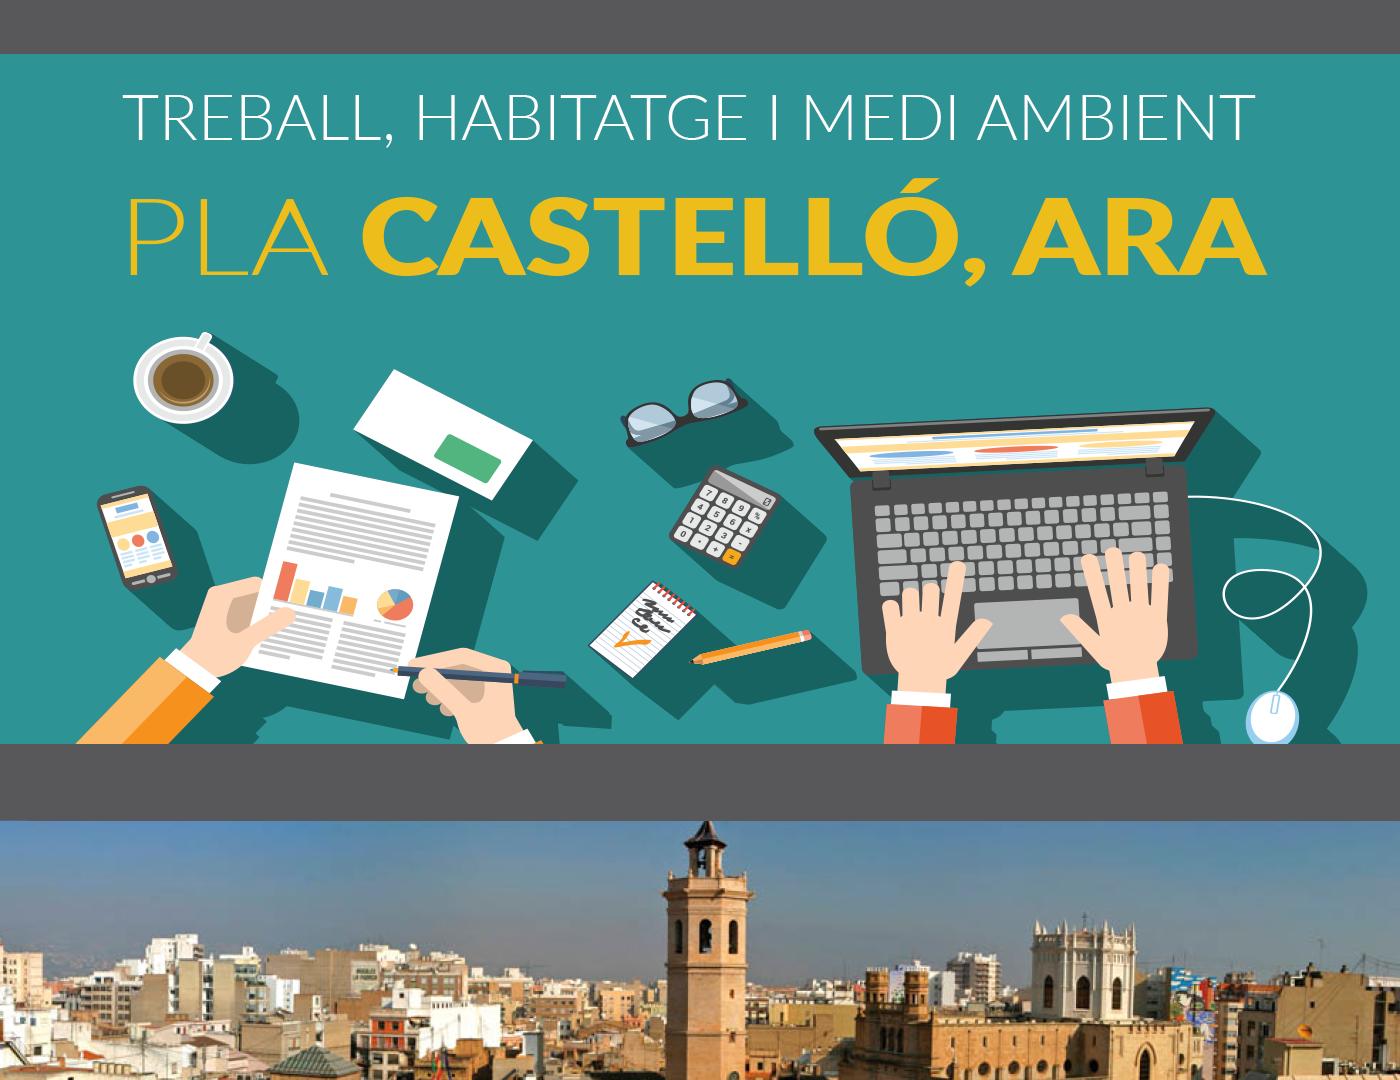 Proposem Una Edició Extraordinària De Jornals De Vila I Contractar 150 Persones Abans Que Finalitze L'any